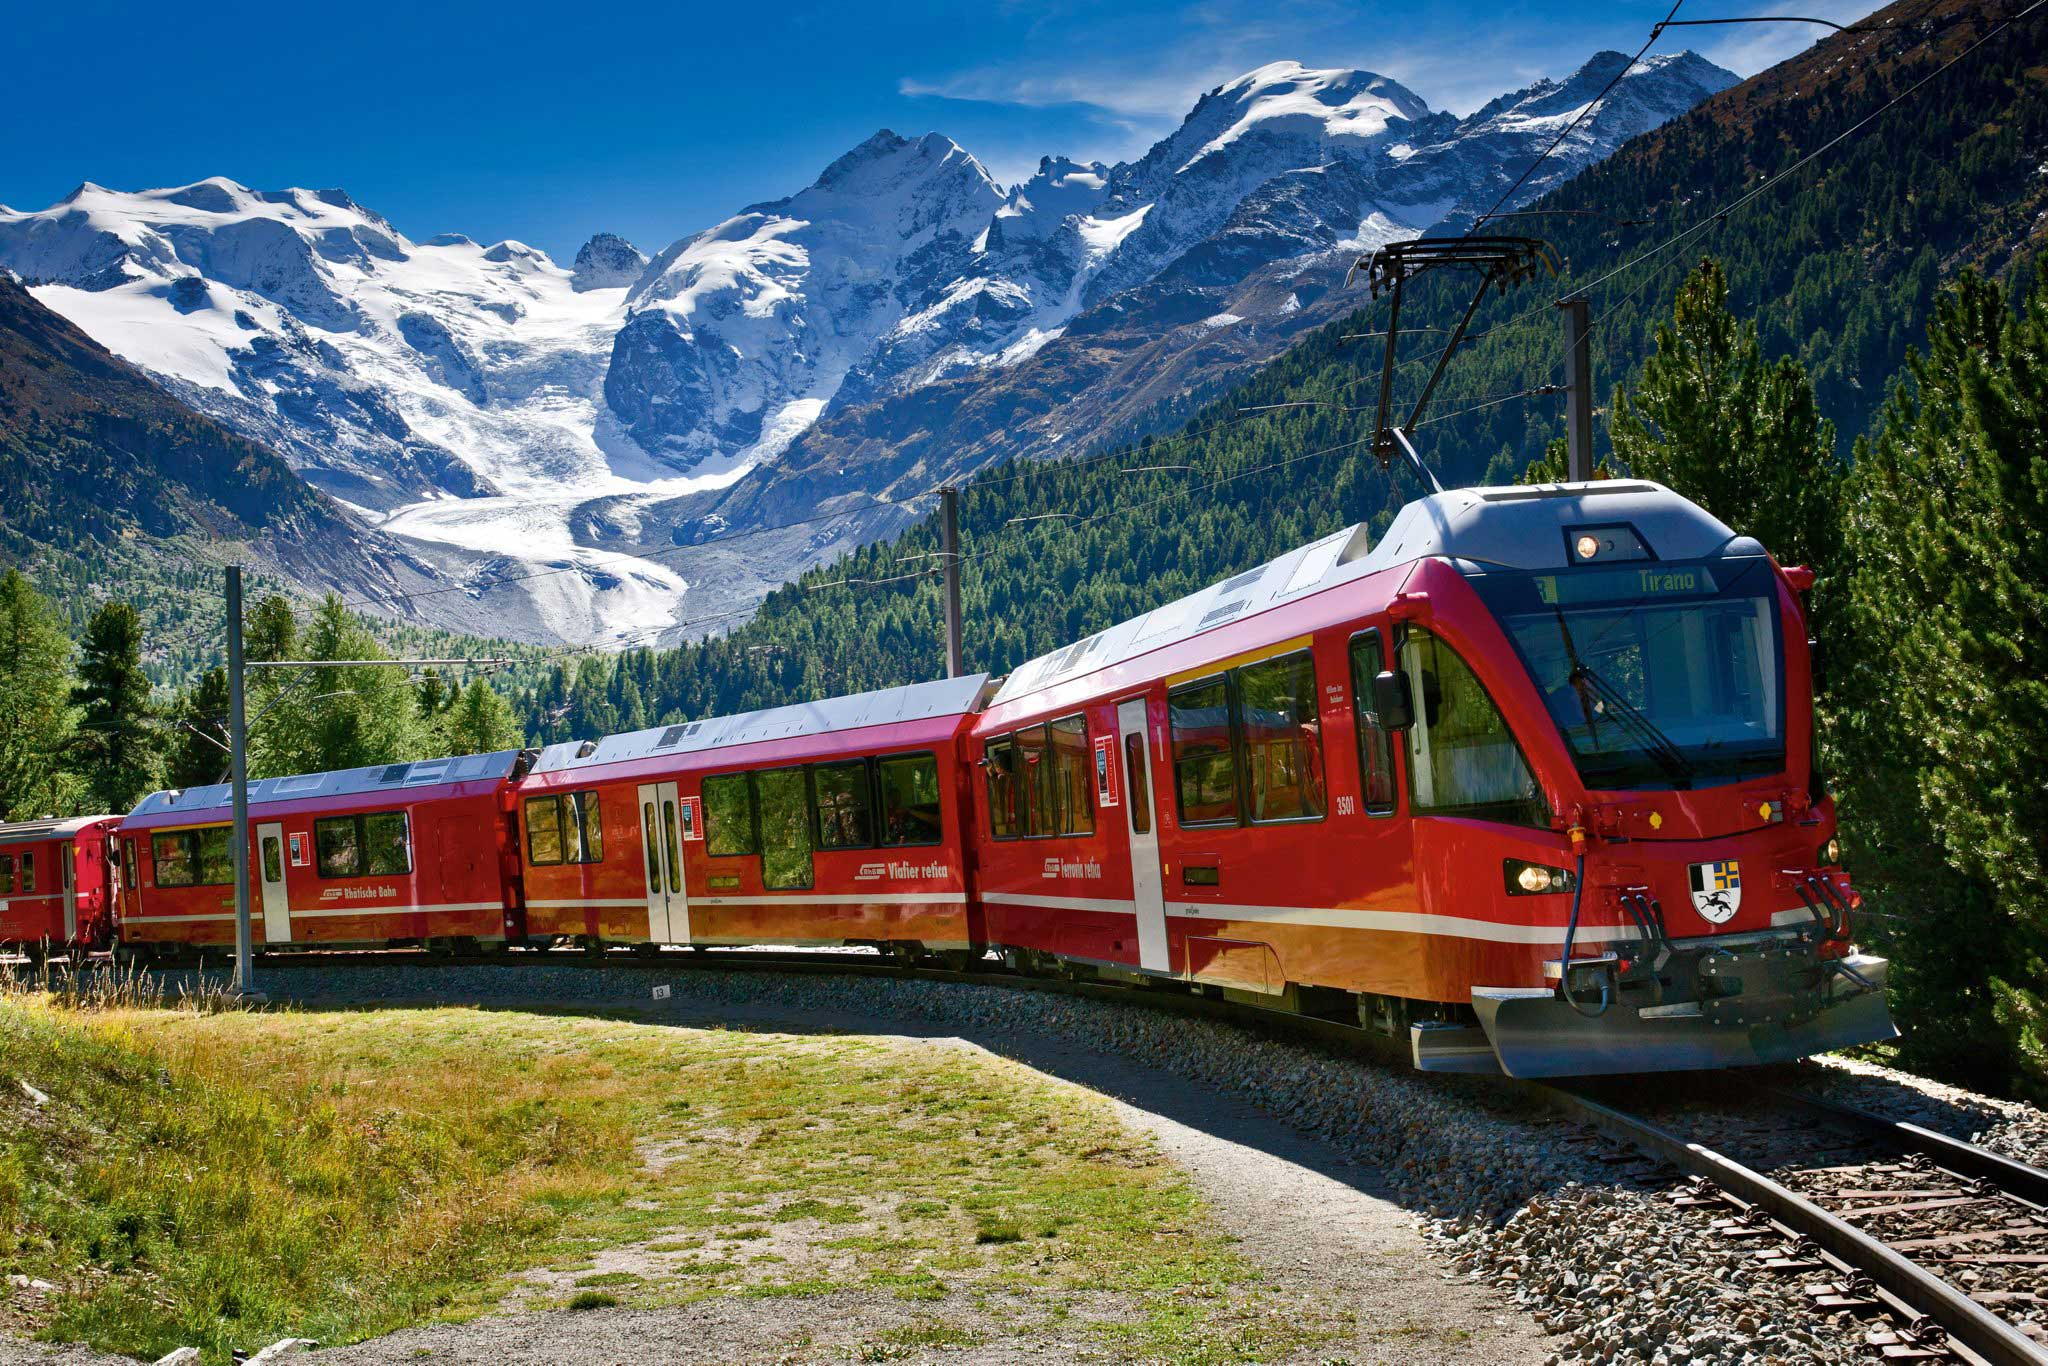 swissrailways.com_panoramazug_berninaexpress_sommer_3